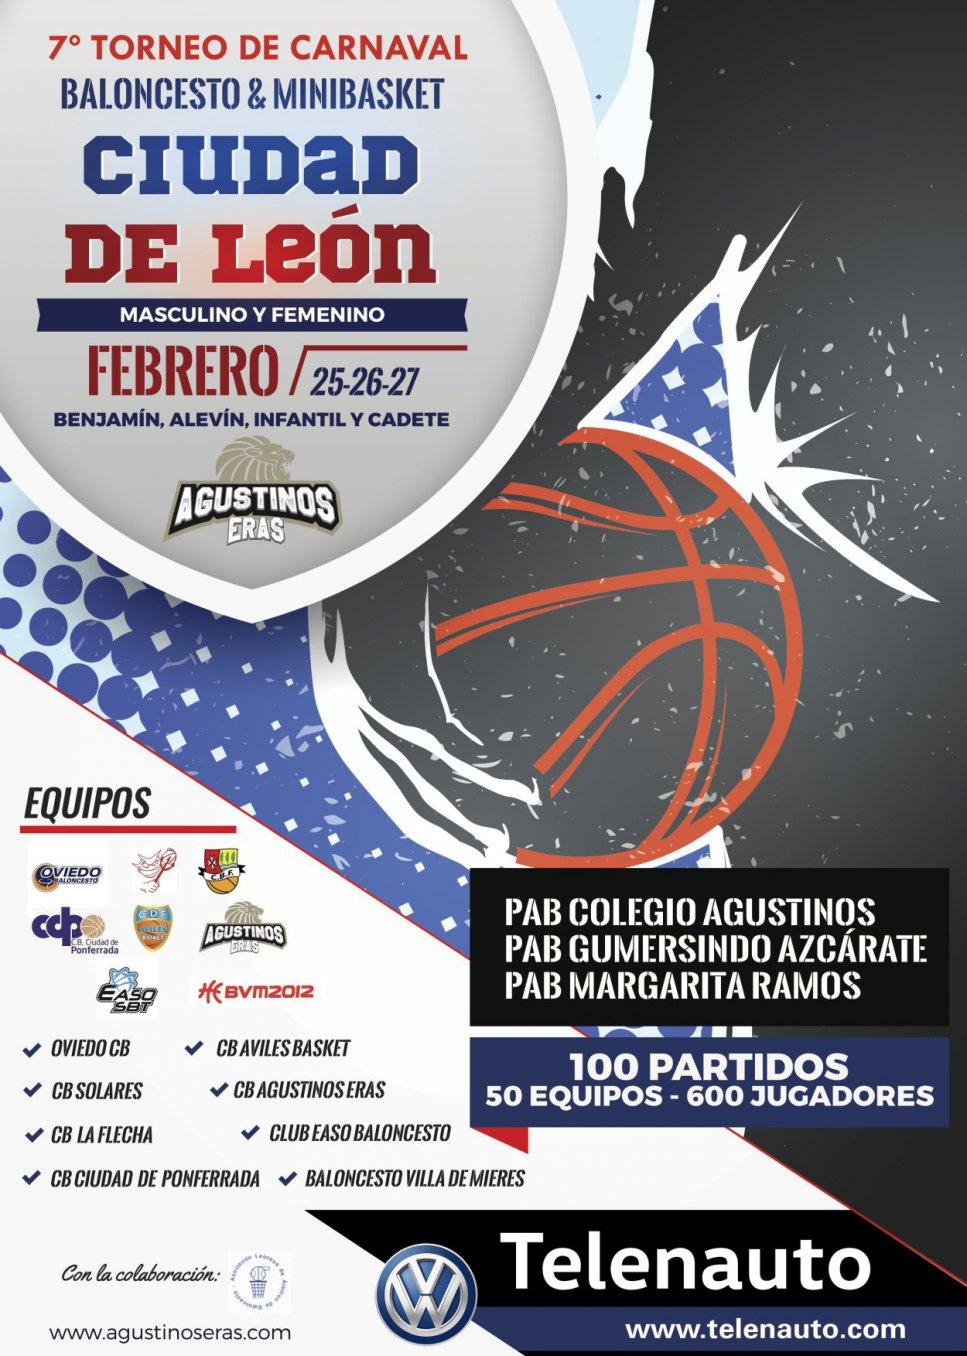 Presentación en Telenauto León del 7º Torneo Ciudad de León Agustinos Eras. Baloncesto & Minibasket. Carnaval 2017